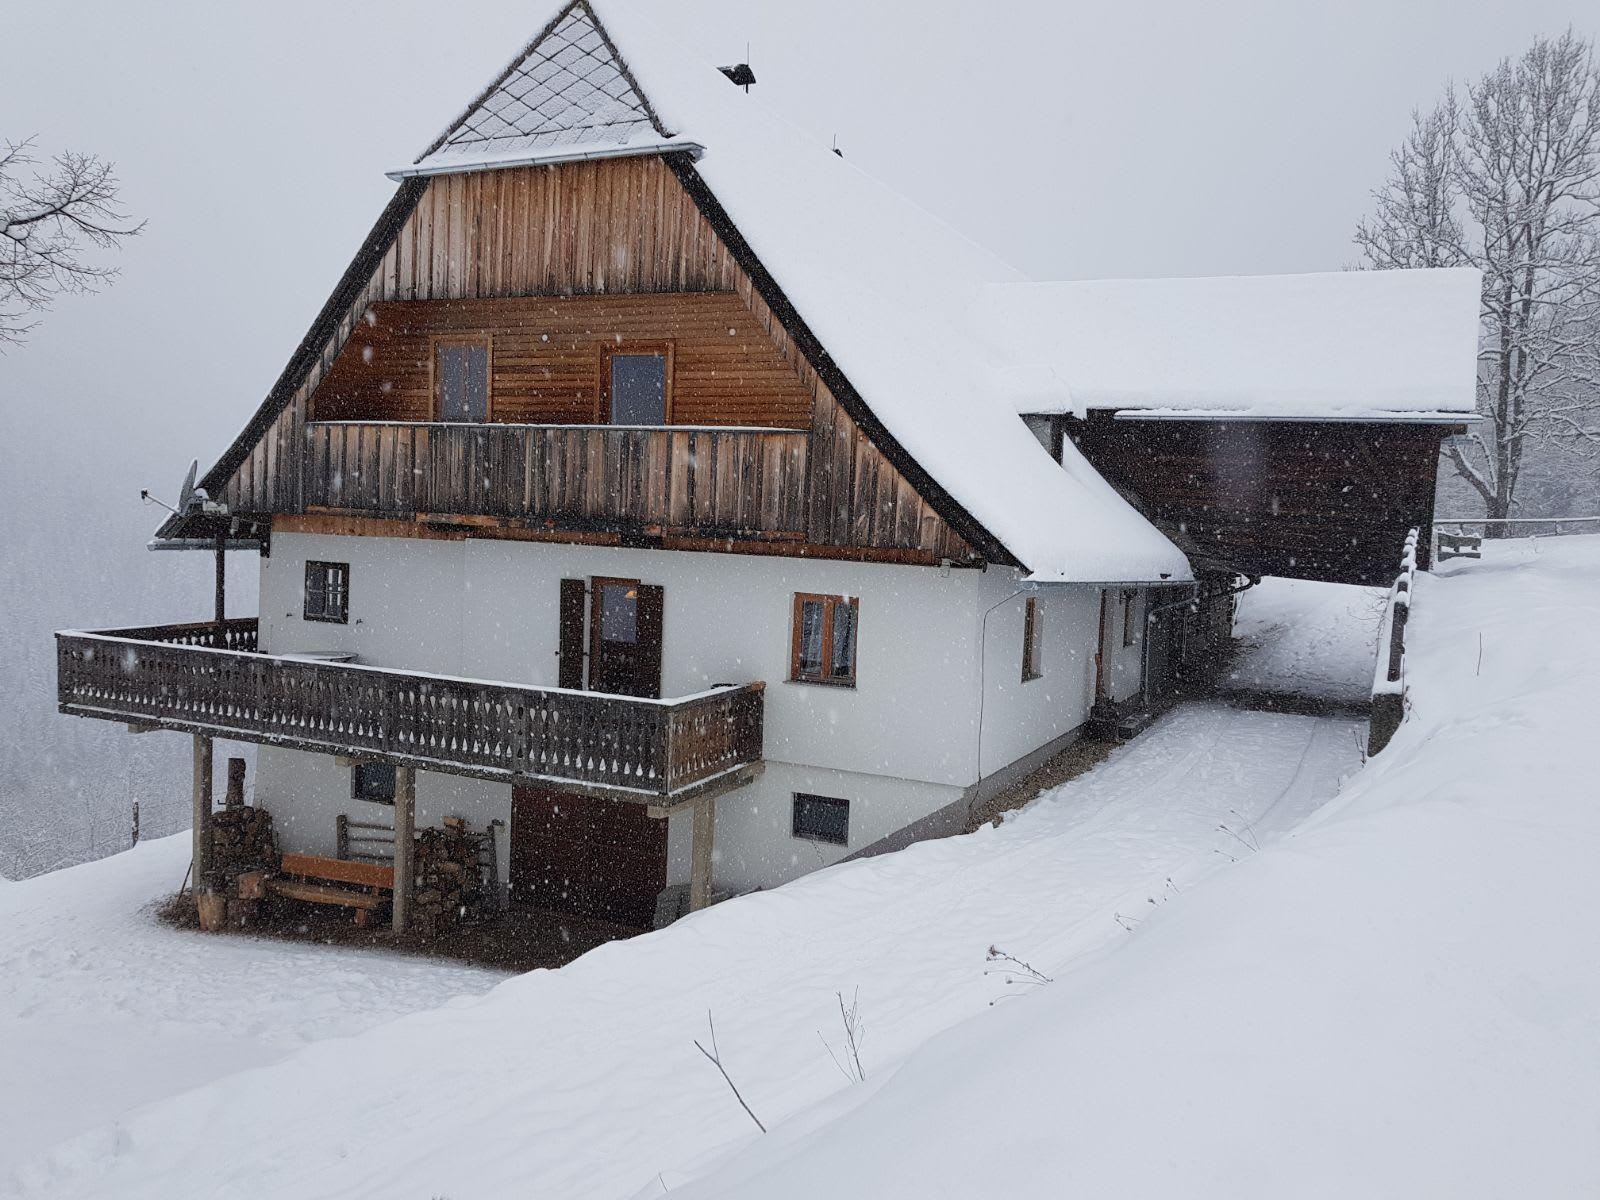 Leitnerhütte